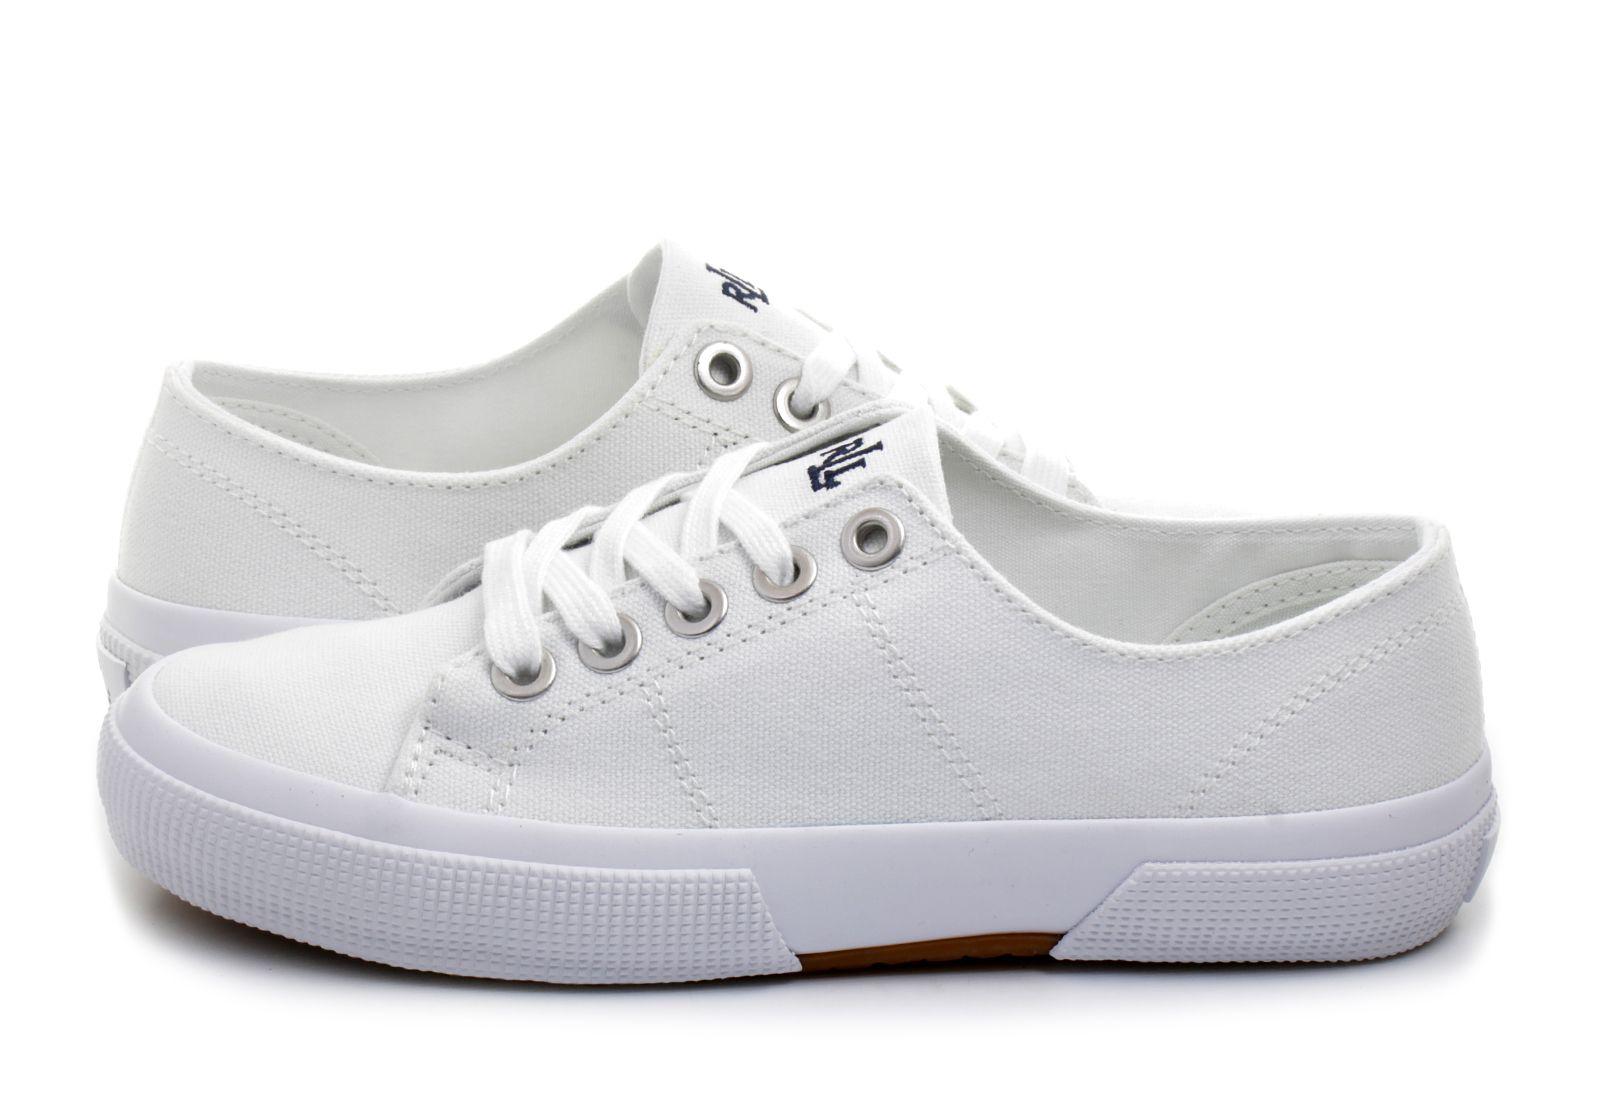 Polo Ralph Lauren Shoes - Jolie - 802538179001 - Online shop for ... e438240494